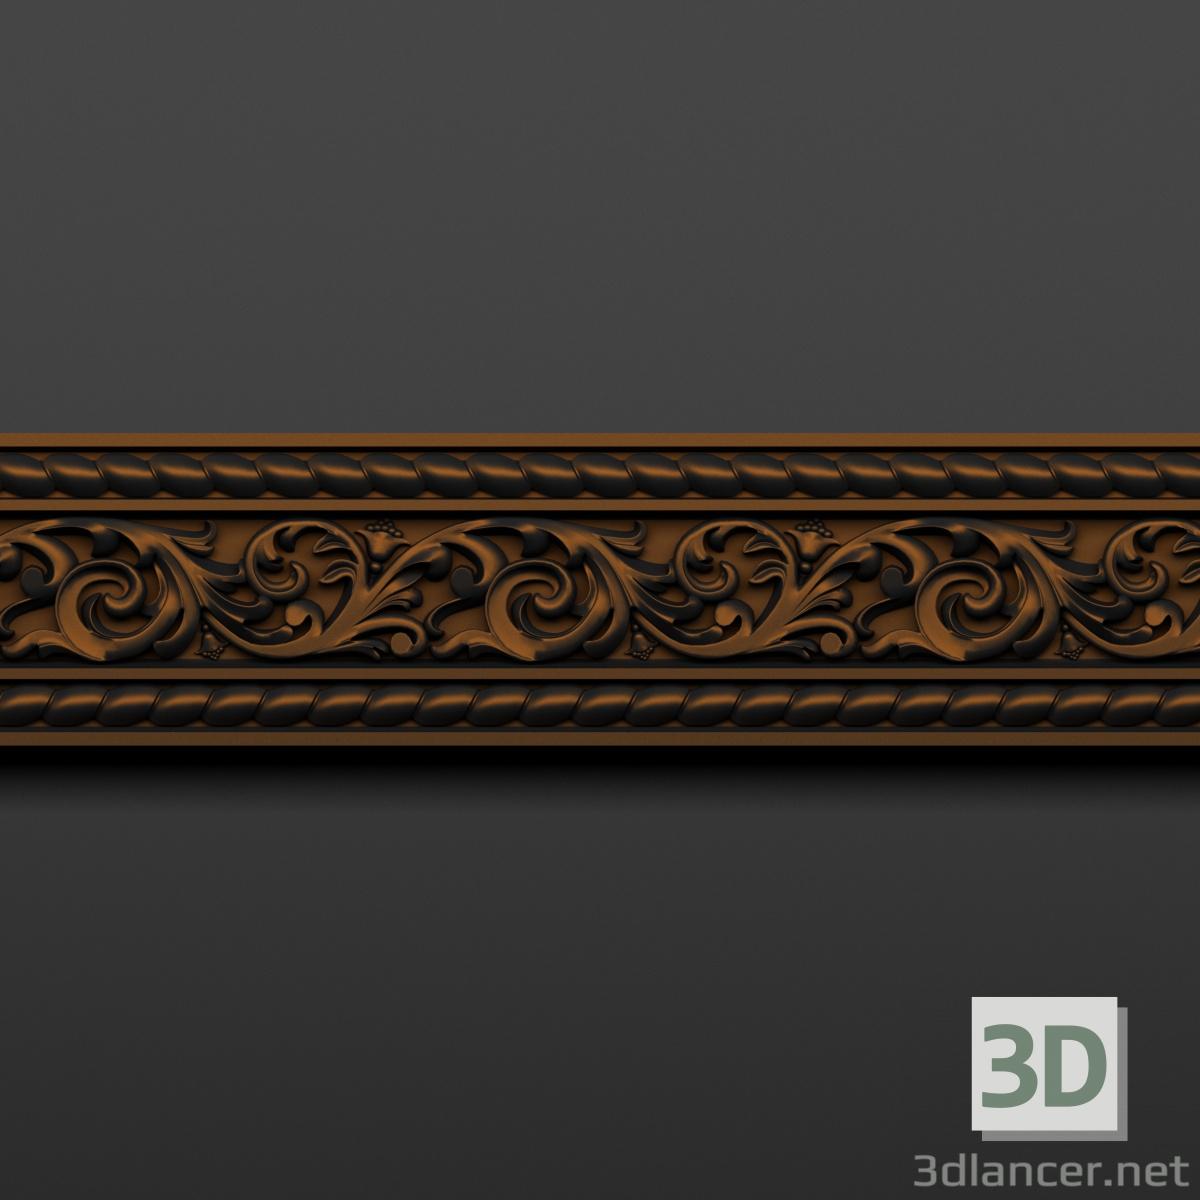 3d Decor 75 model buy - render